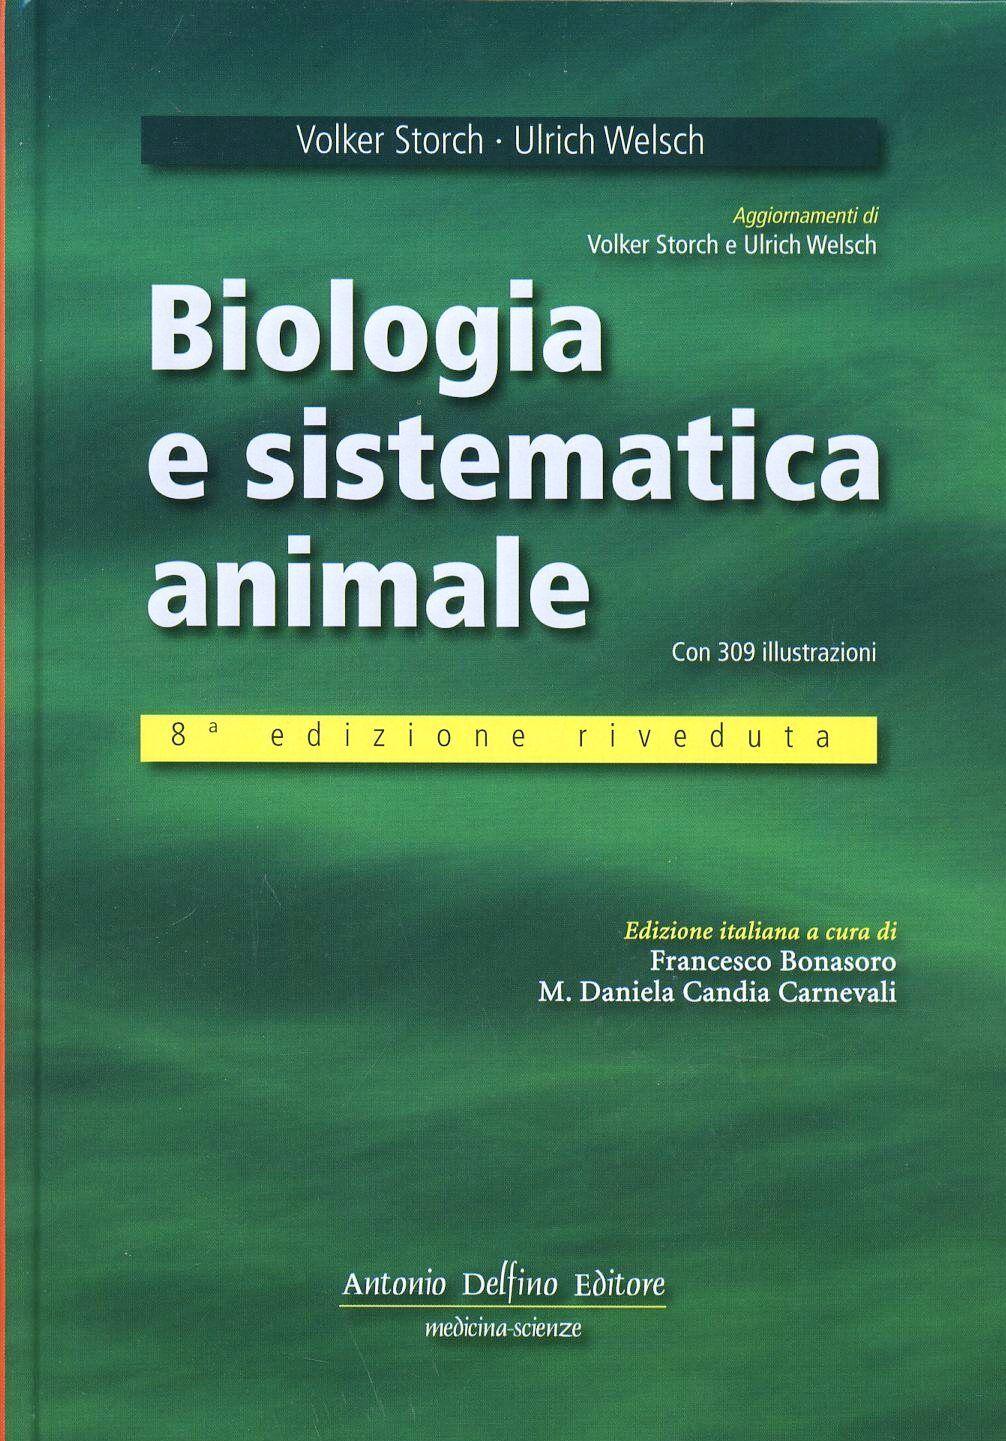 Biologia e sistematica animale